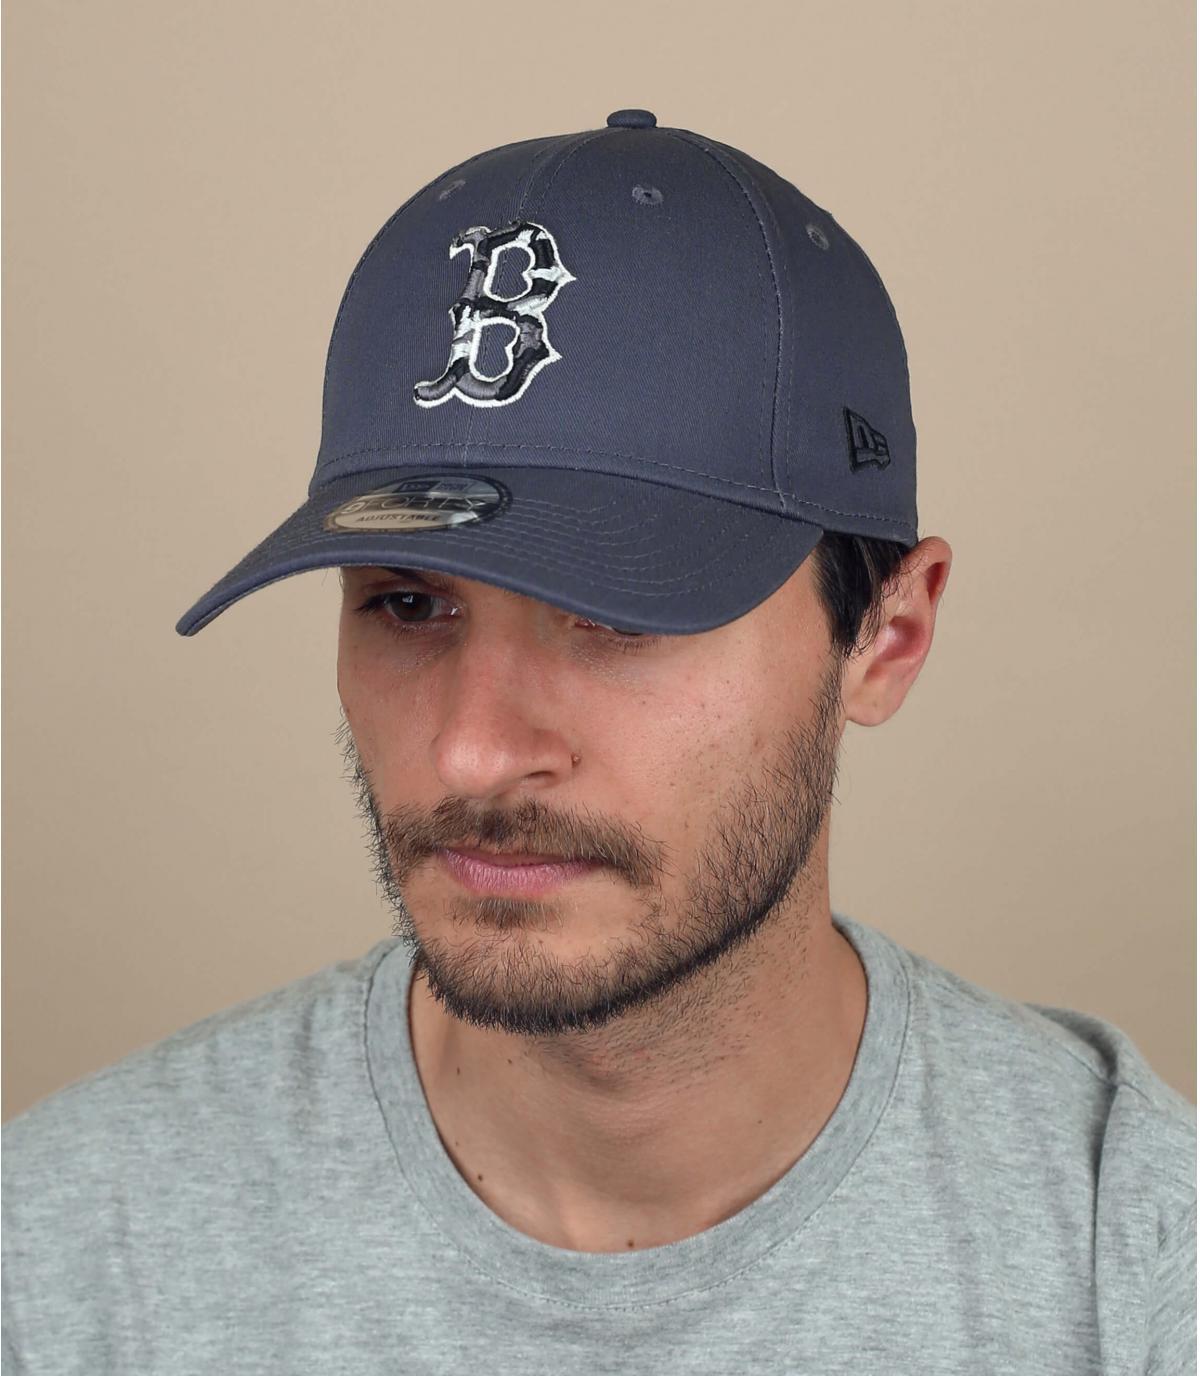 Cappellino B grigio